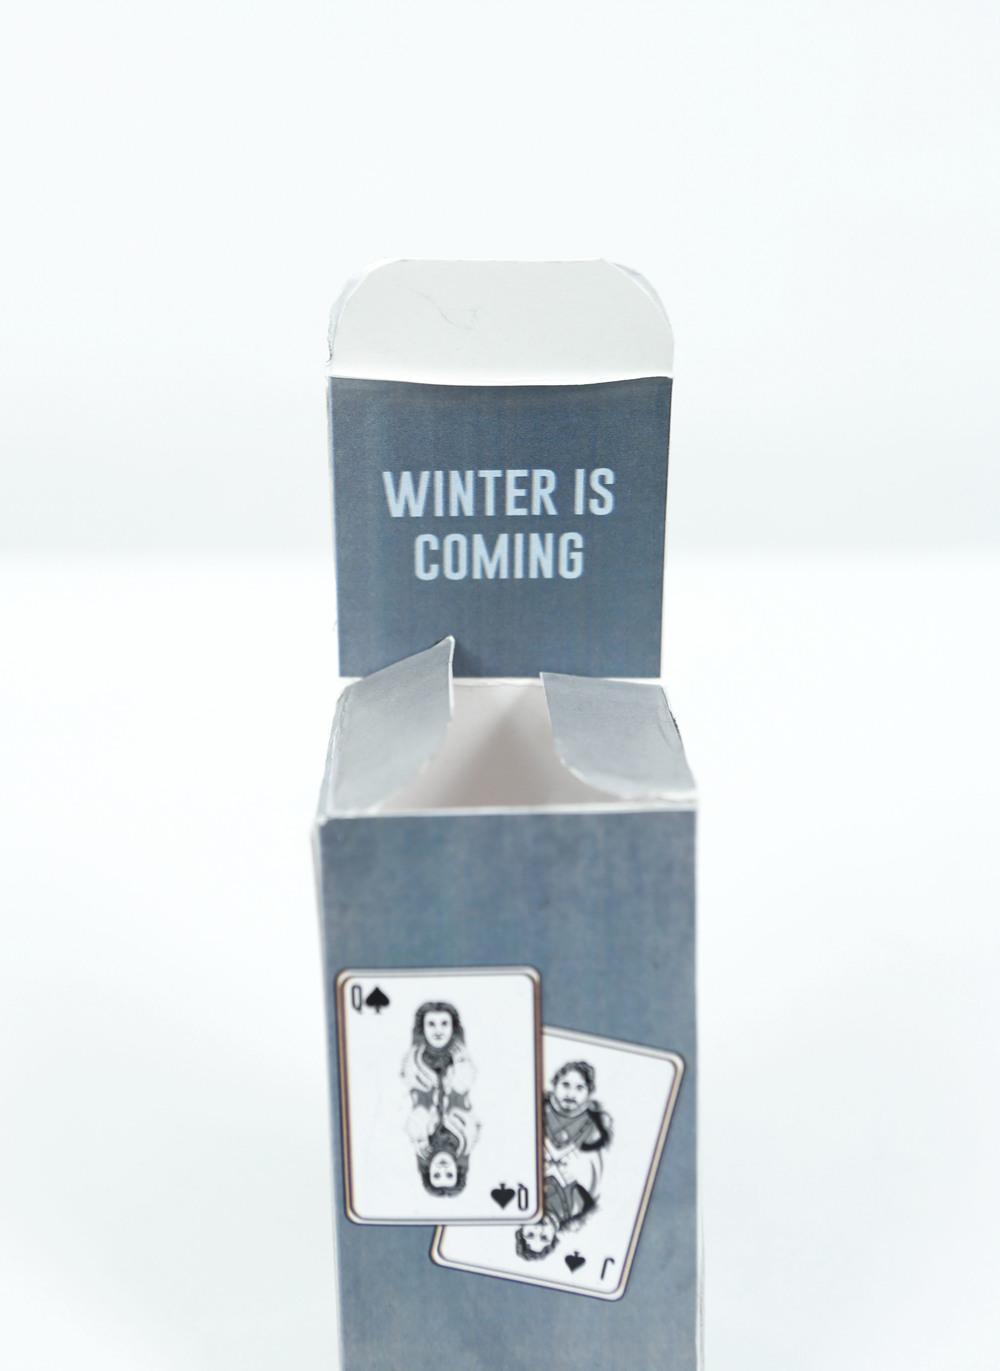 WInter Is Coming_1.JPG